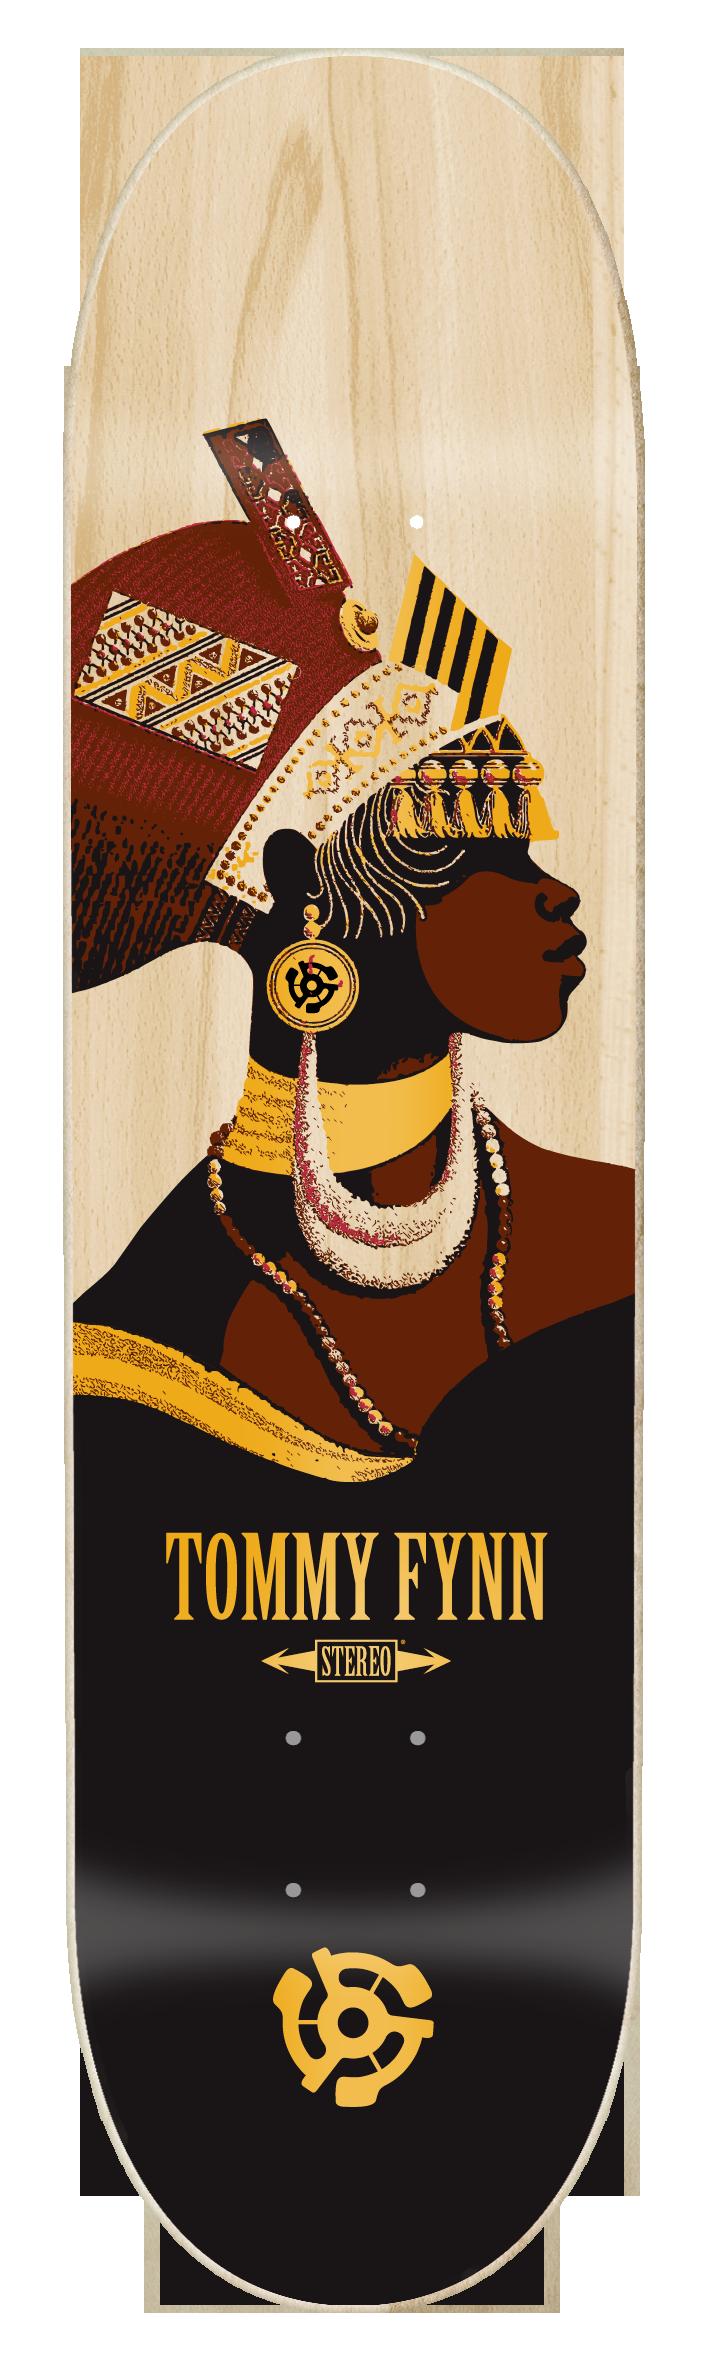 Fynn-african-nubian-mockup-gold-foil.png